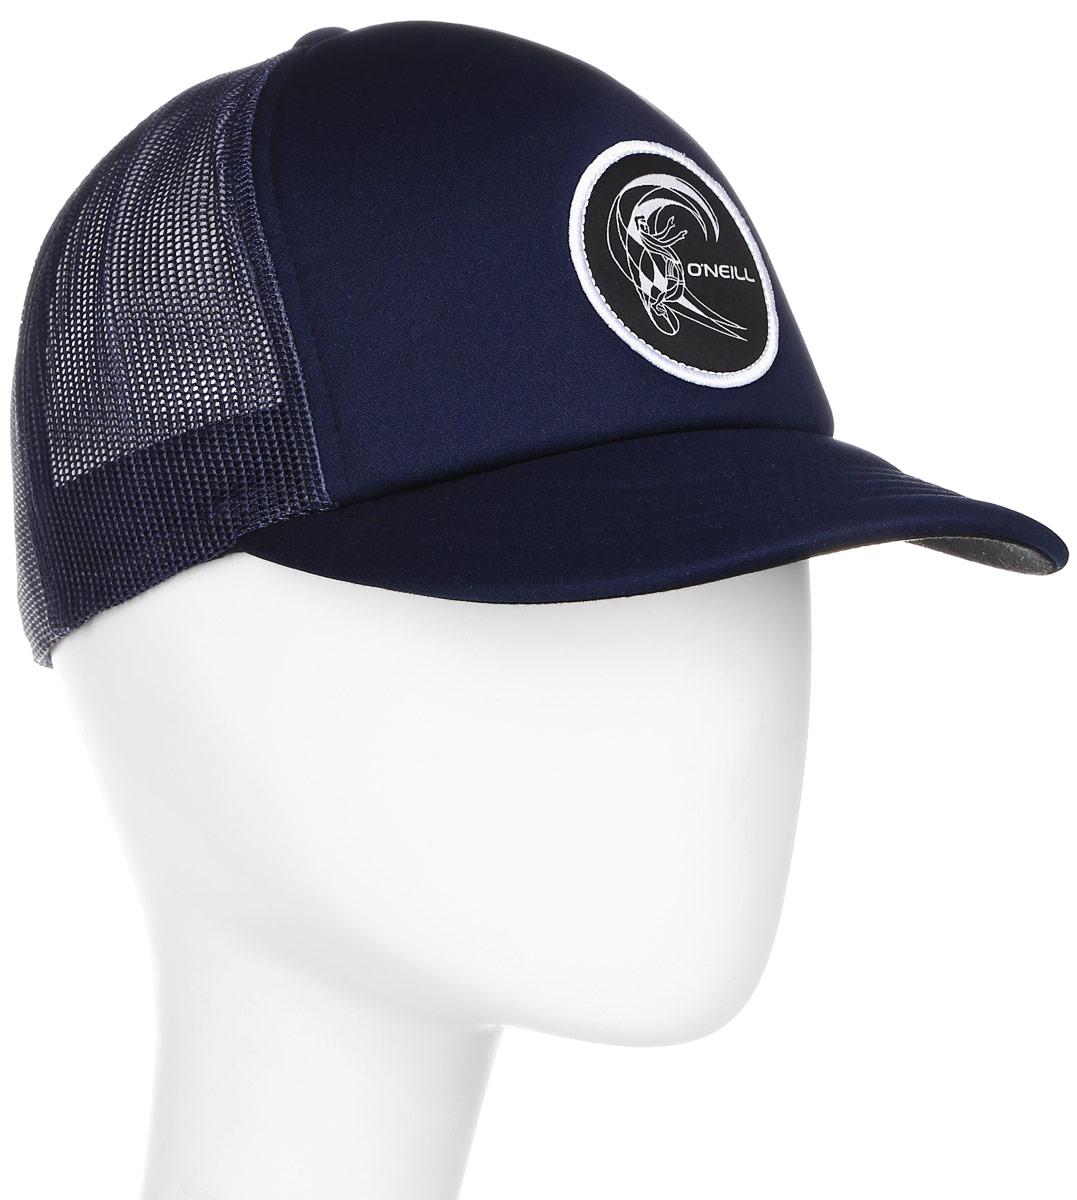 цены  Бейсболка мужская O'Neill Bm Trucker Cap, цвет: темно-синий, черный. 7A4110-5056. Размер универсальный